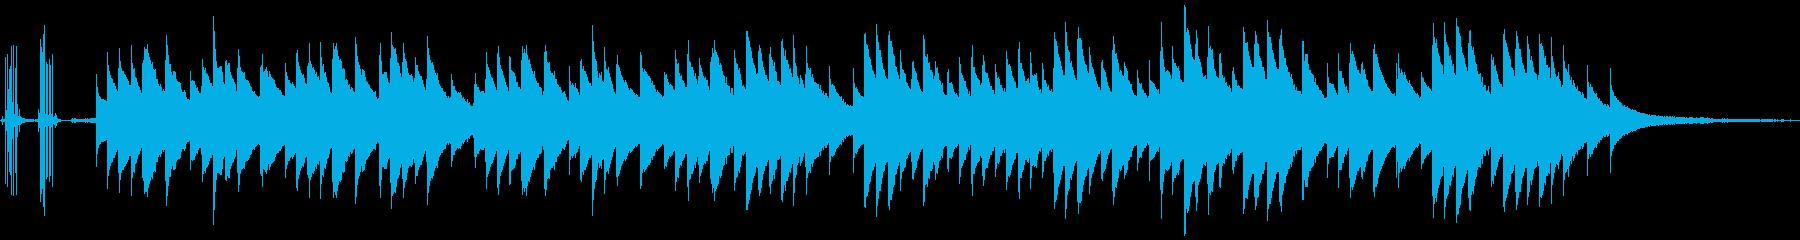 ハロウィンをイメージしたオルゴールの再生済みの波形